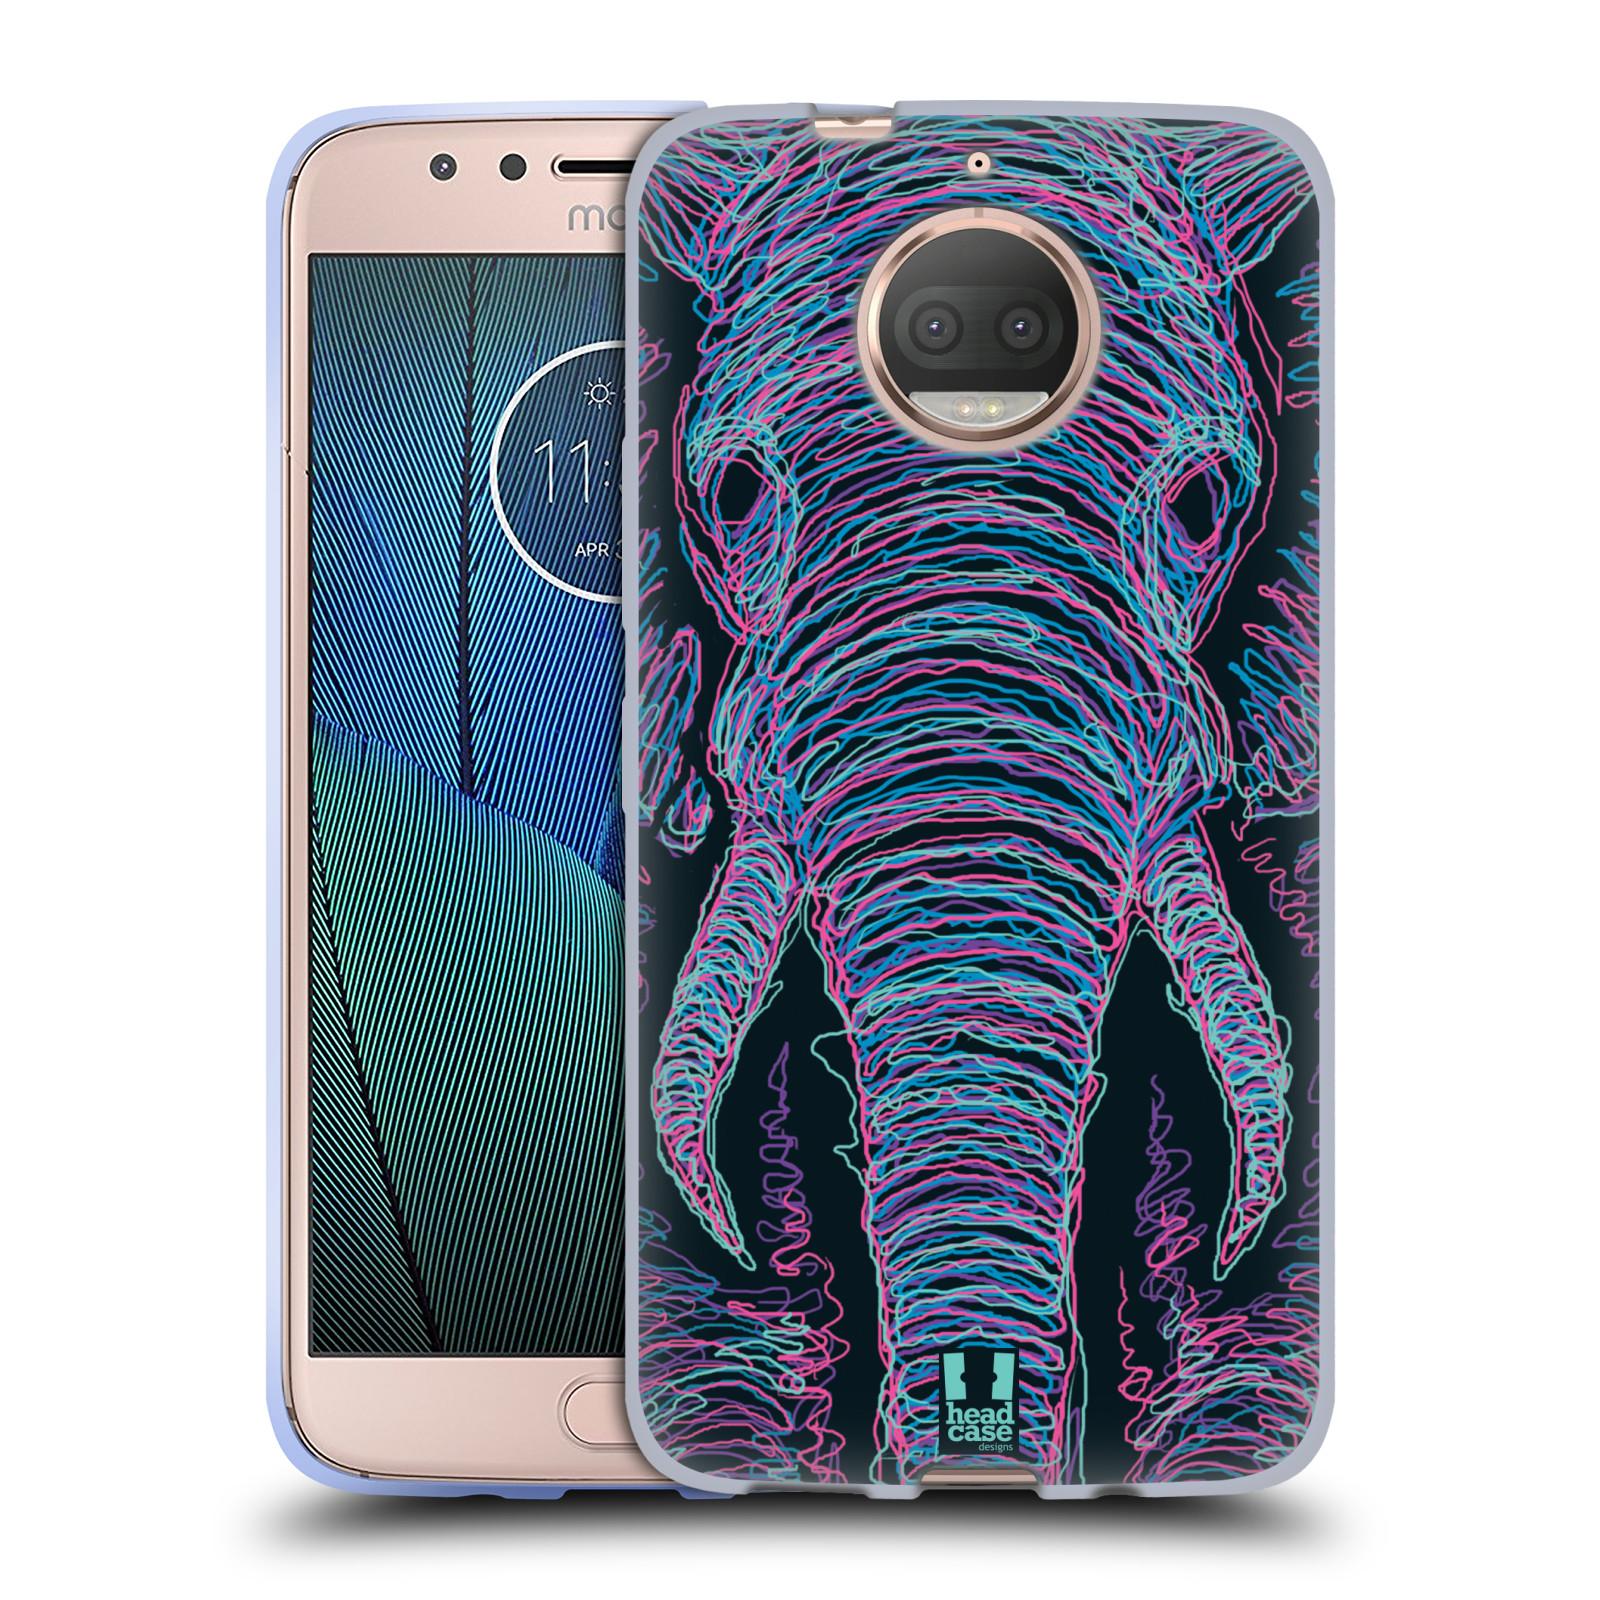 HEAD CASE silikonový obal na mobil Lenovo Moto G5s PLUS vzor zvíře čmáranice slon